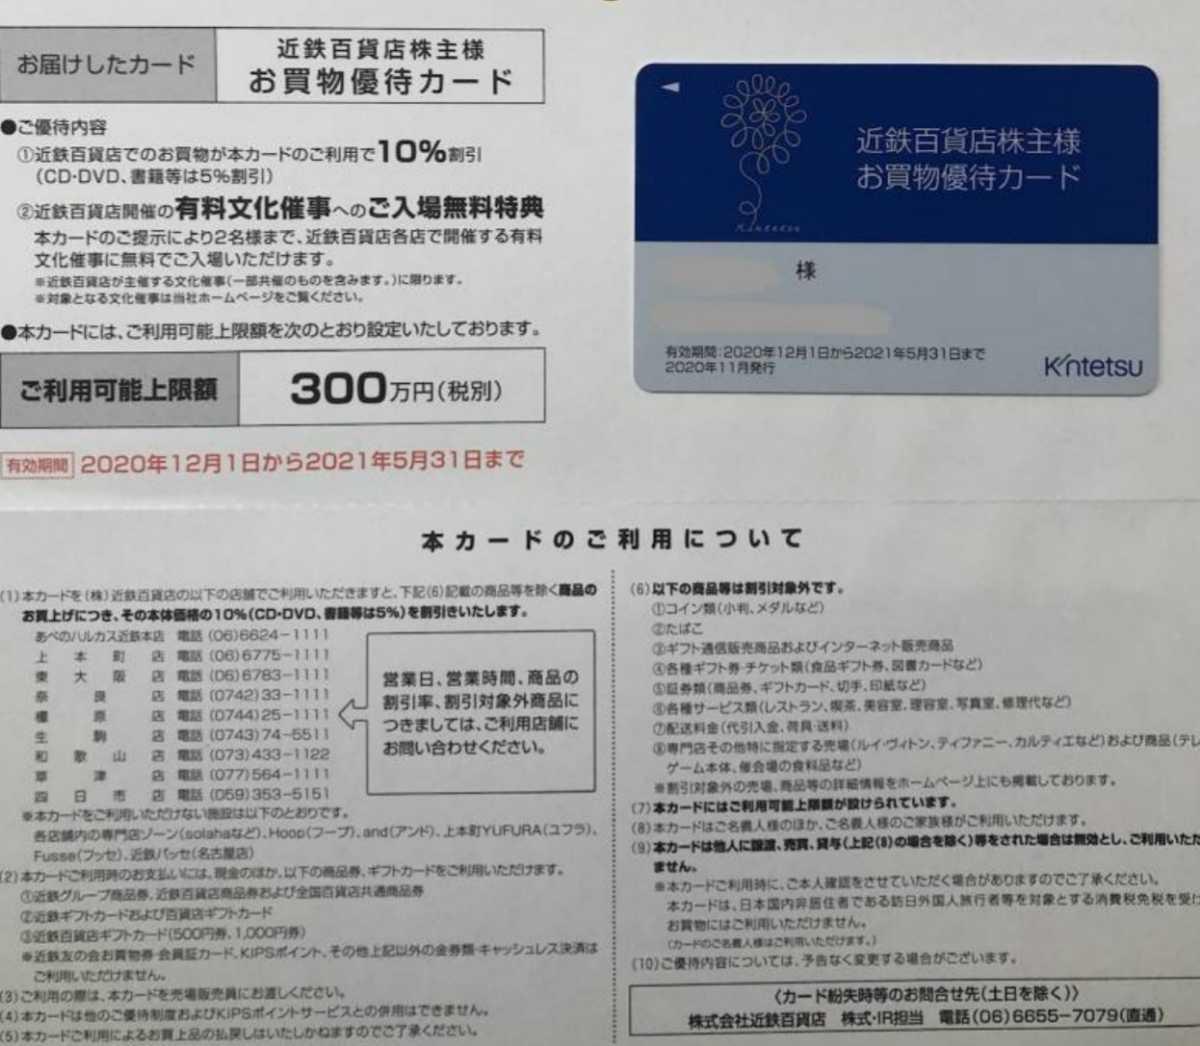 送料63円~ 未使用 限度額300万円 近鉄百貨店 株主優待カード 1枚 男性名義_画像1